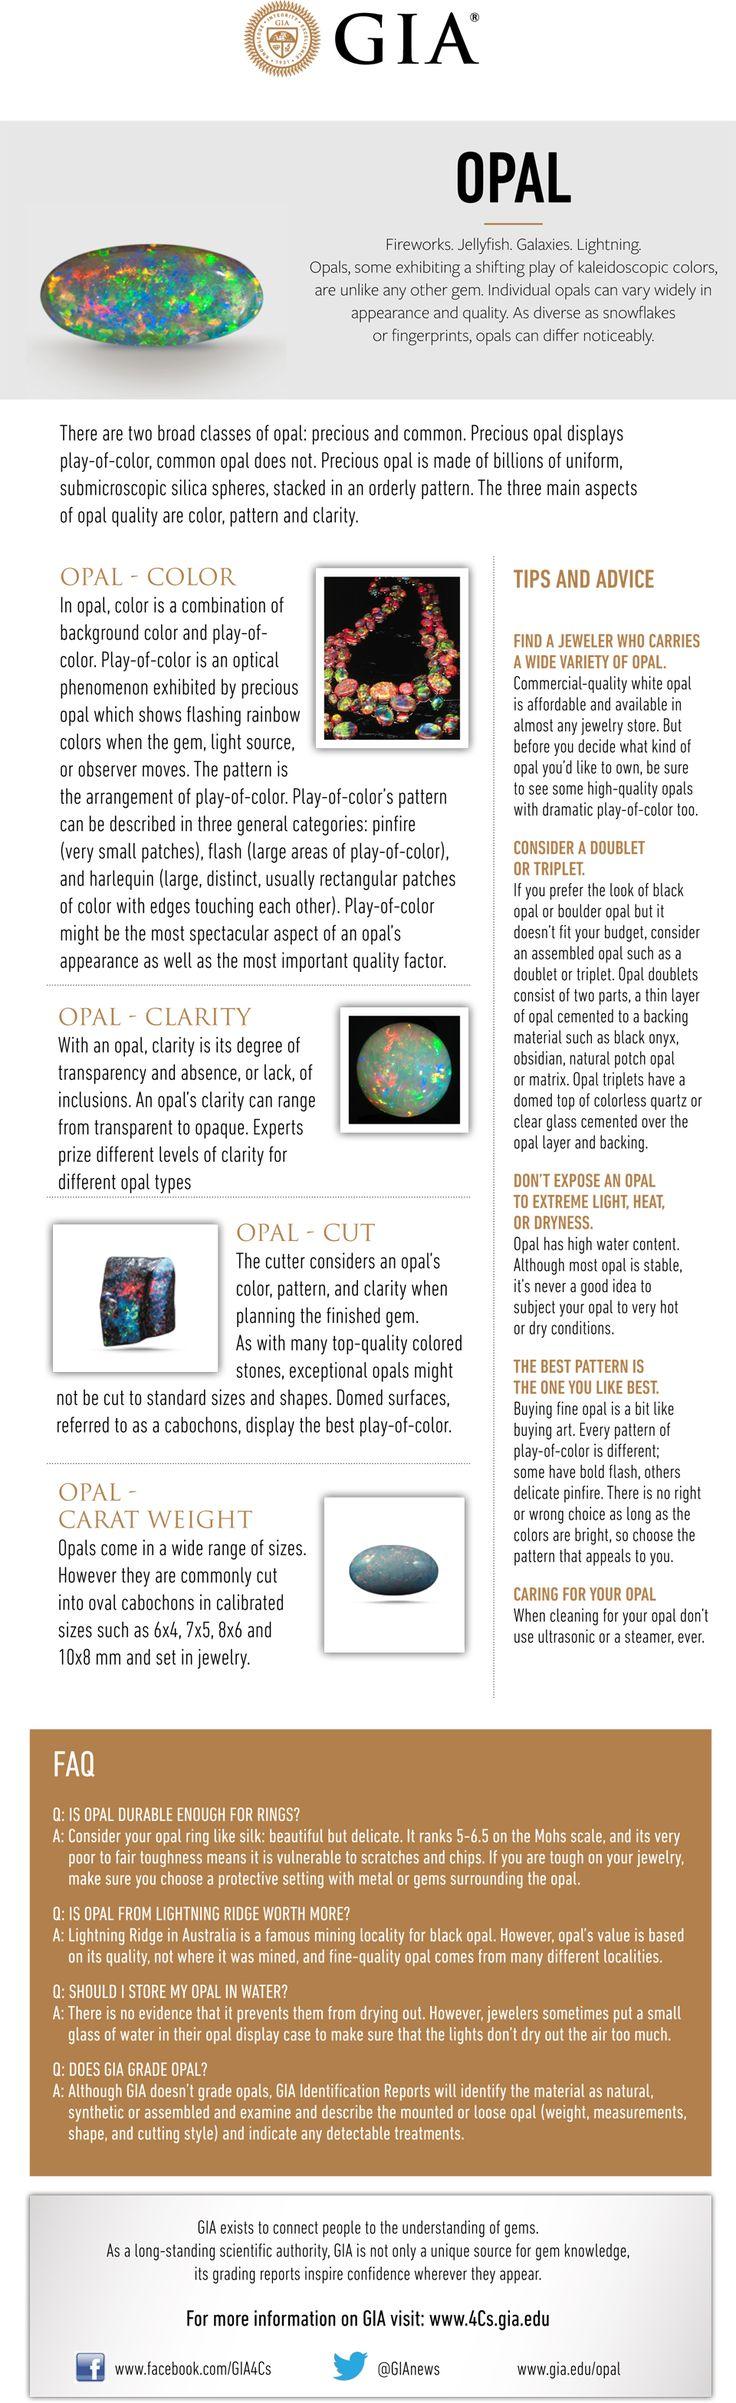 Opal Buying Guide. GIA (111214)